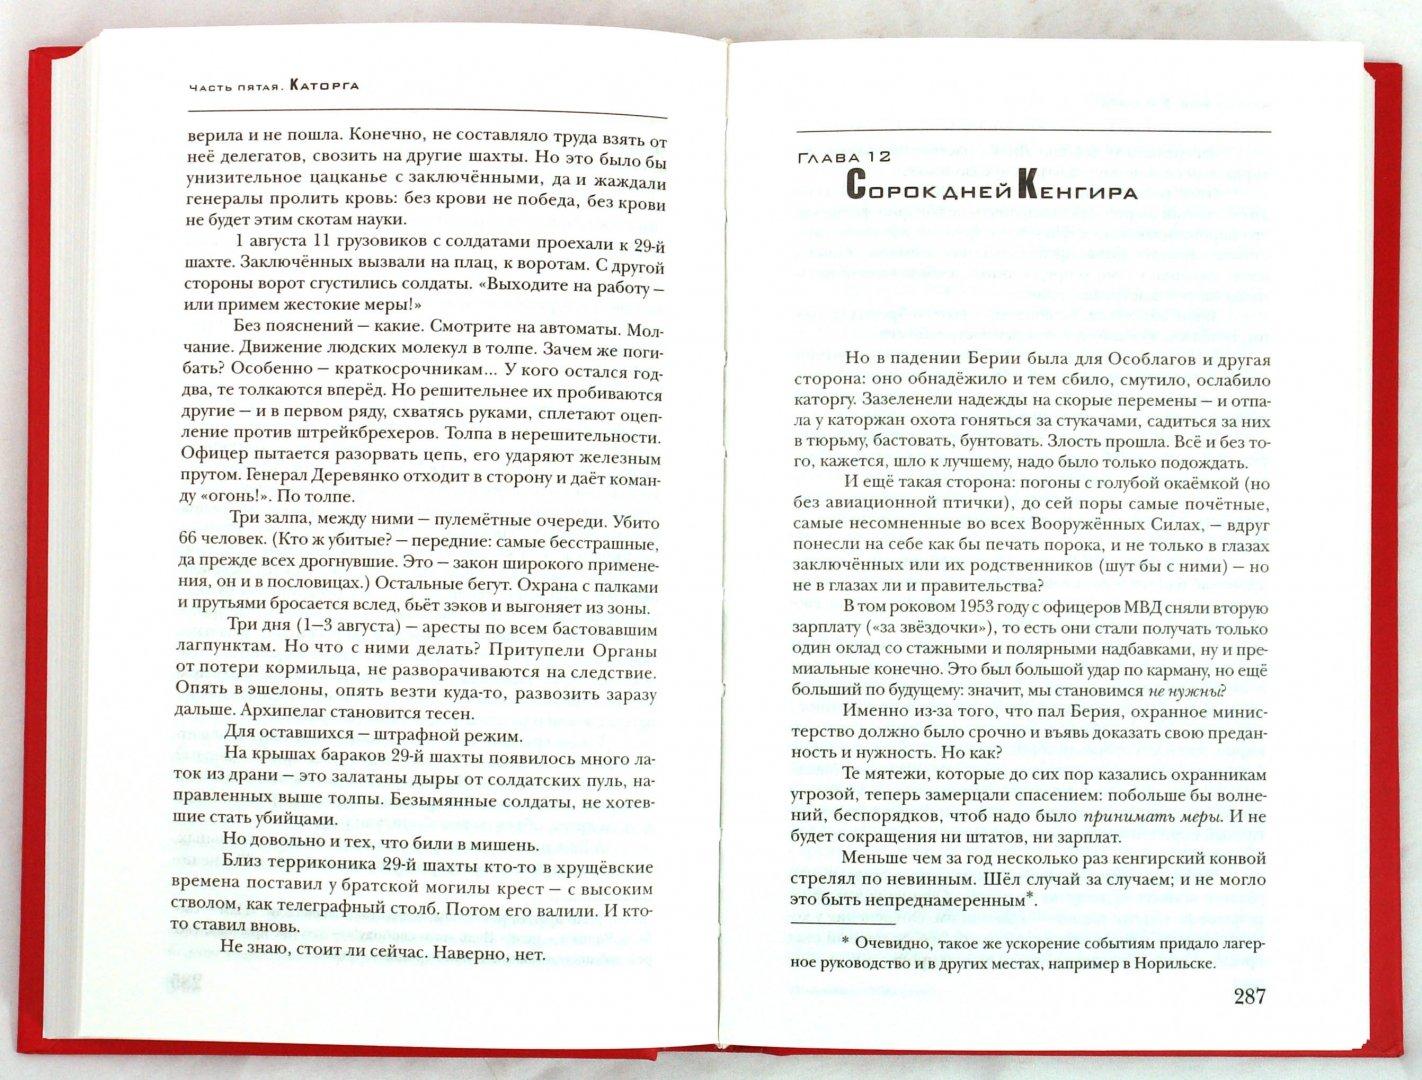 Иллюстрация 1 из 20 для Архипелаг ГУЛАГ. 1918-1956: Опыт художественного исследования. Том 3 - Александр Солженицын | Лабиринт - книги. Источник: Лабиринт